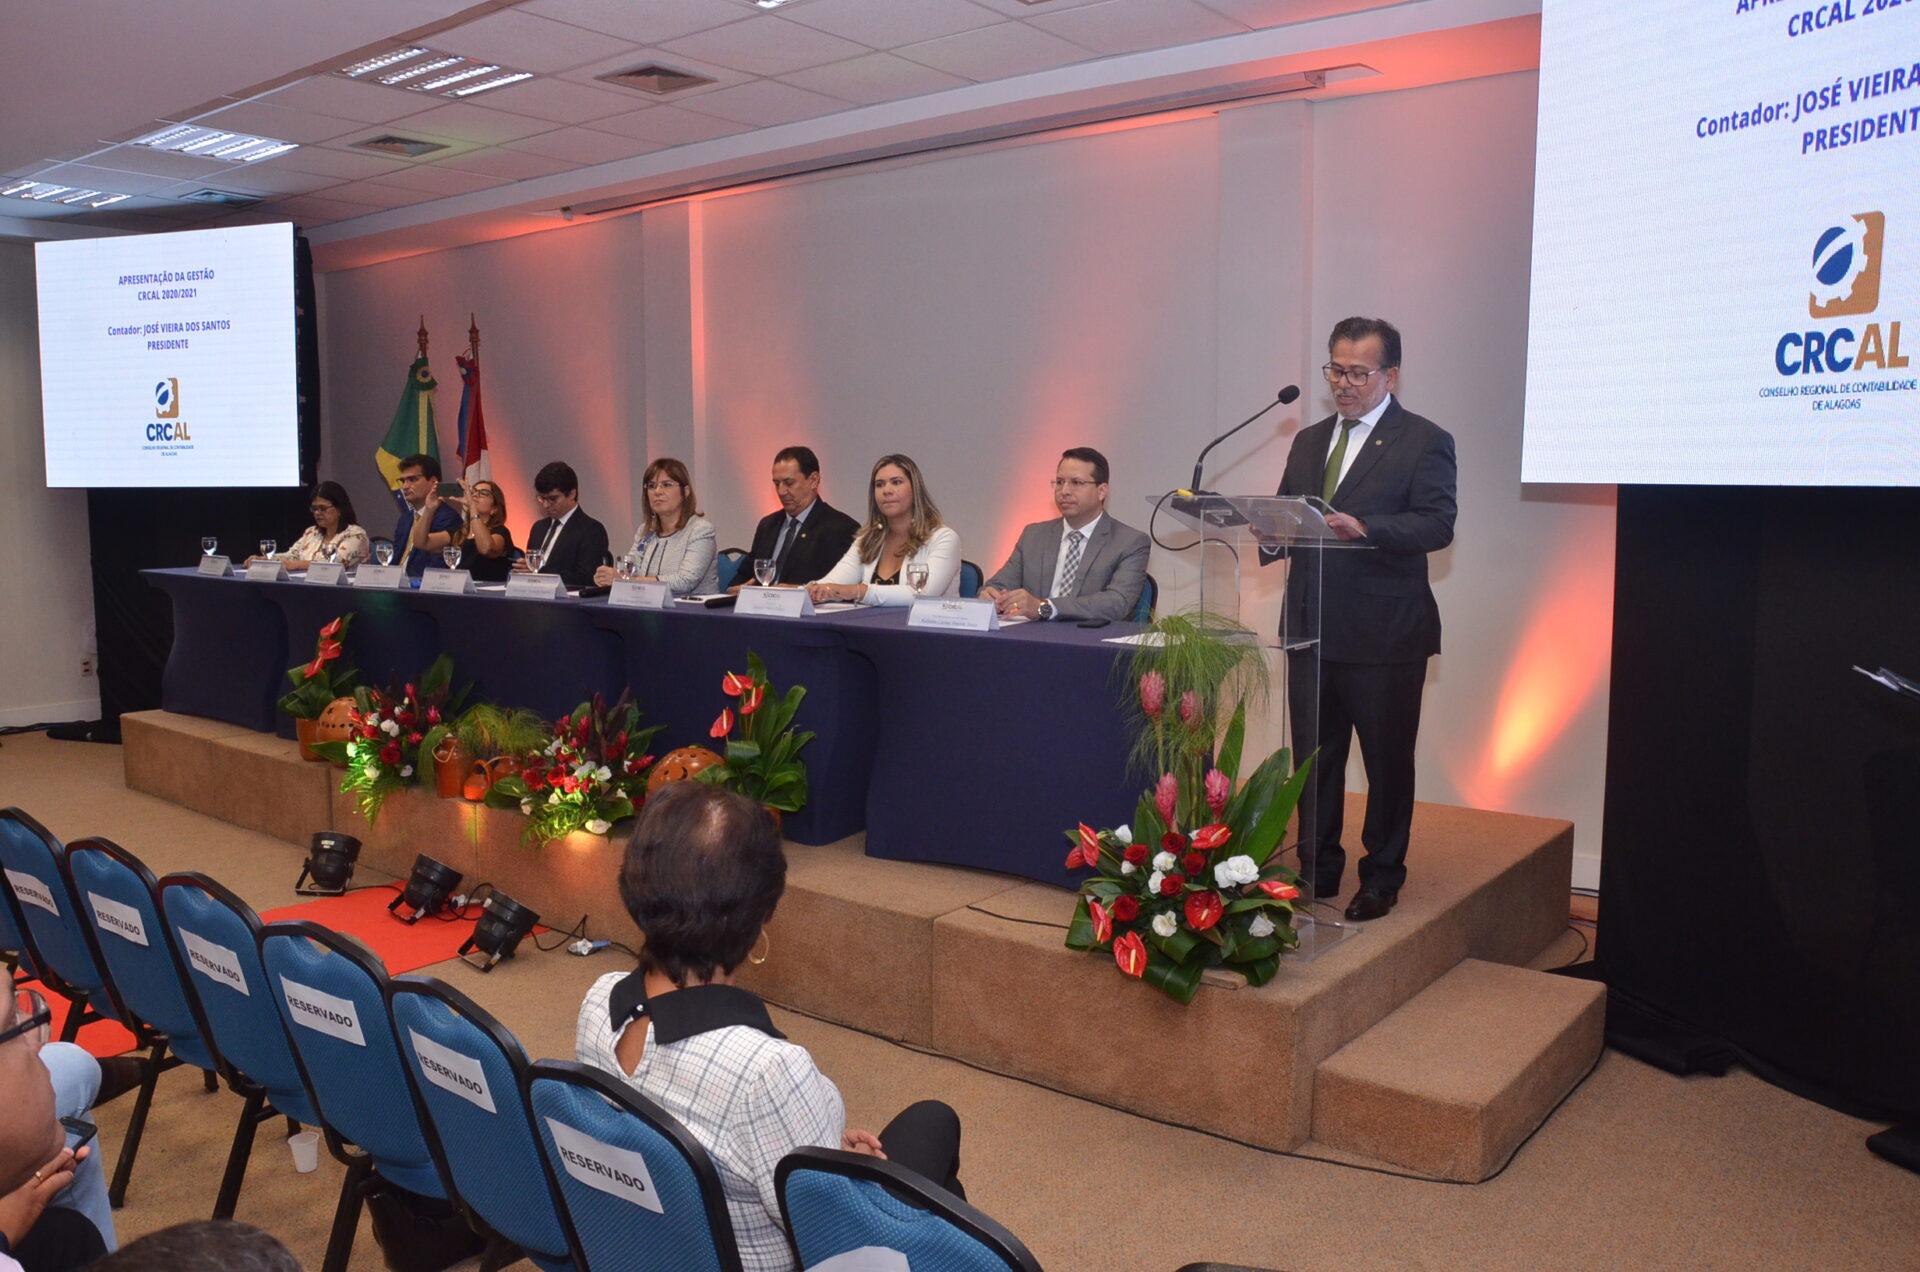 Gestão 2020-2021 é apresentada aos conselheiros, integrantes das comissões e funcionários do CRCAL